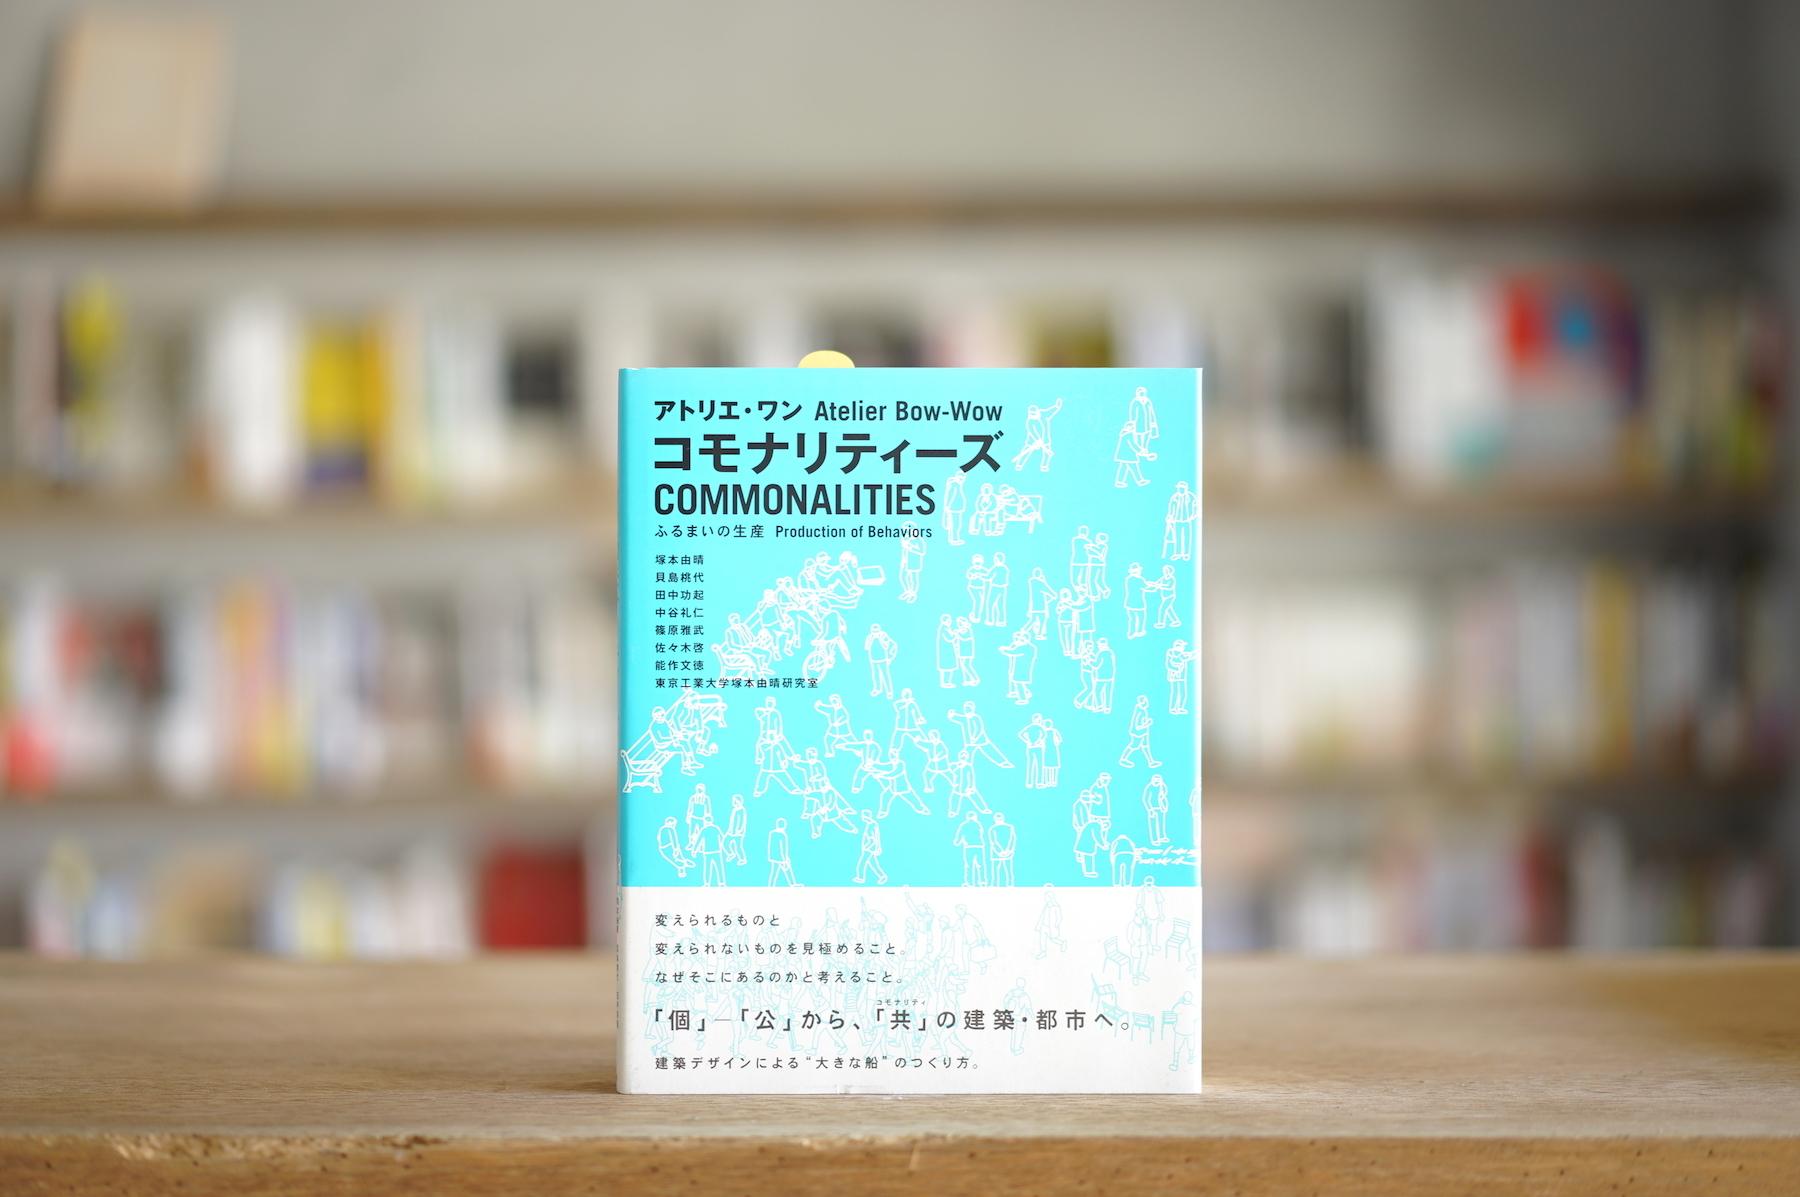 アトリエ・ワン 『コモナリティーズ ふるまいの生産』 (LIXIL出版、2014)